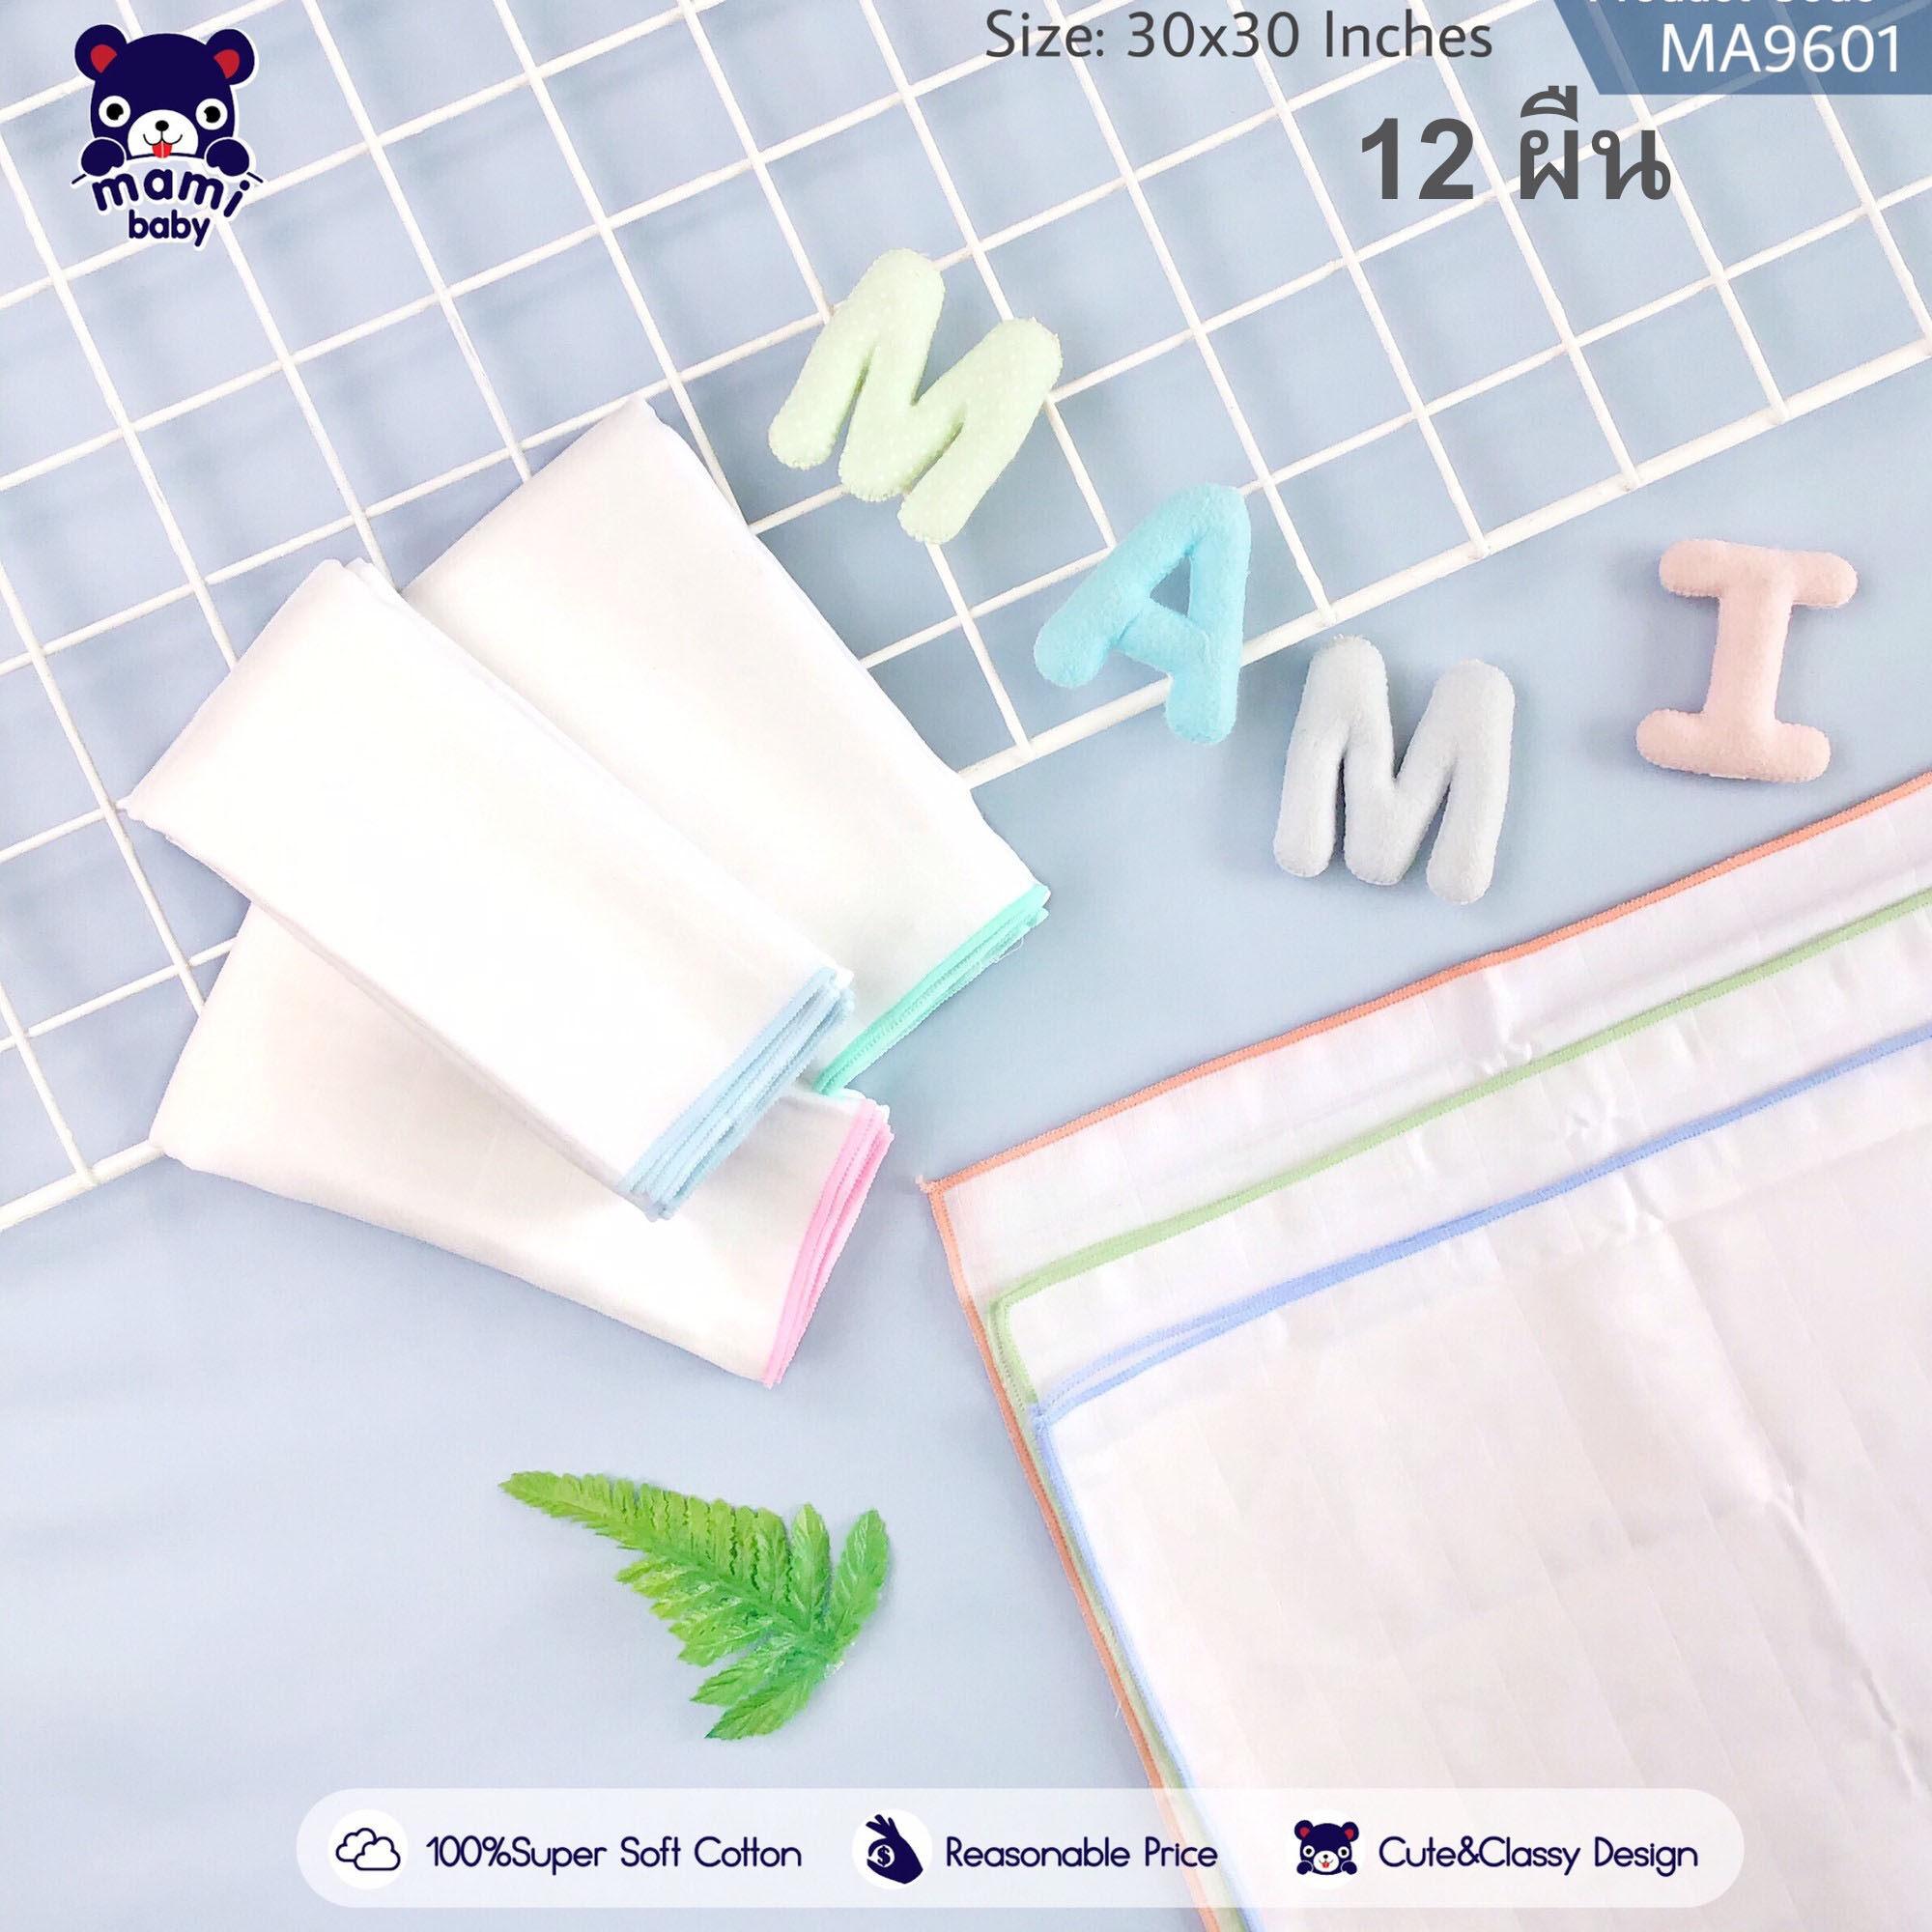 ซื้อที่ไหน Kamphu ผ้าอ้อมสาลู 2 ชั้น Cotton 100% เนื้ออองฟอง เกรด AAA+ 30 X 30 นิ้ว 12 ผืน